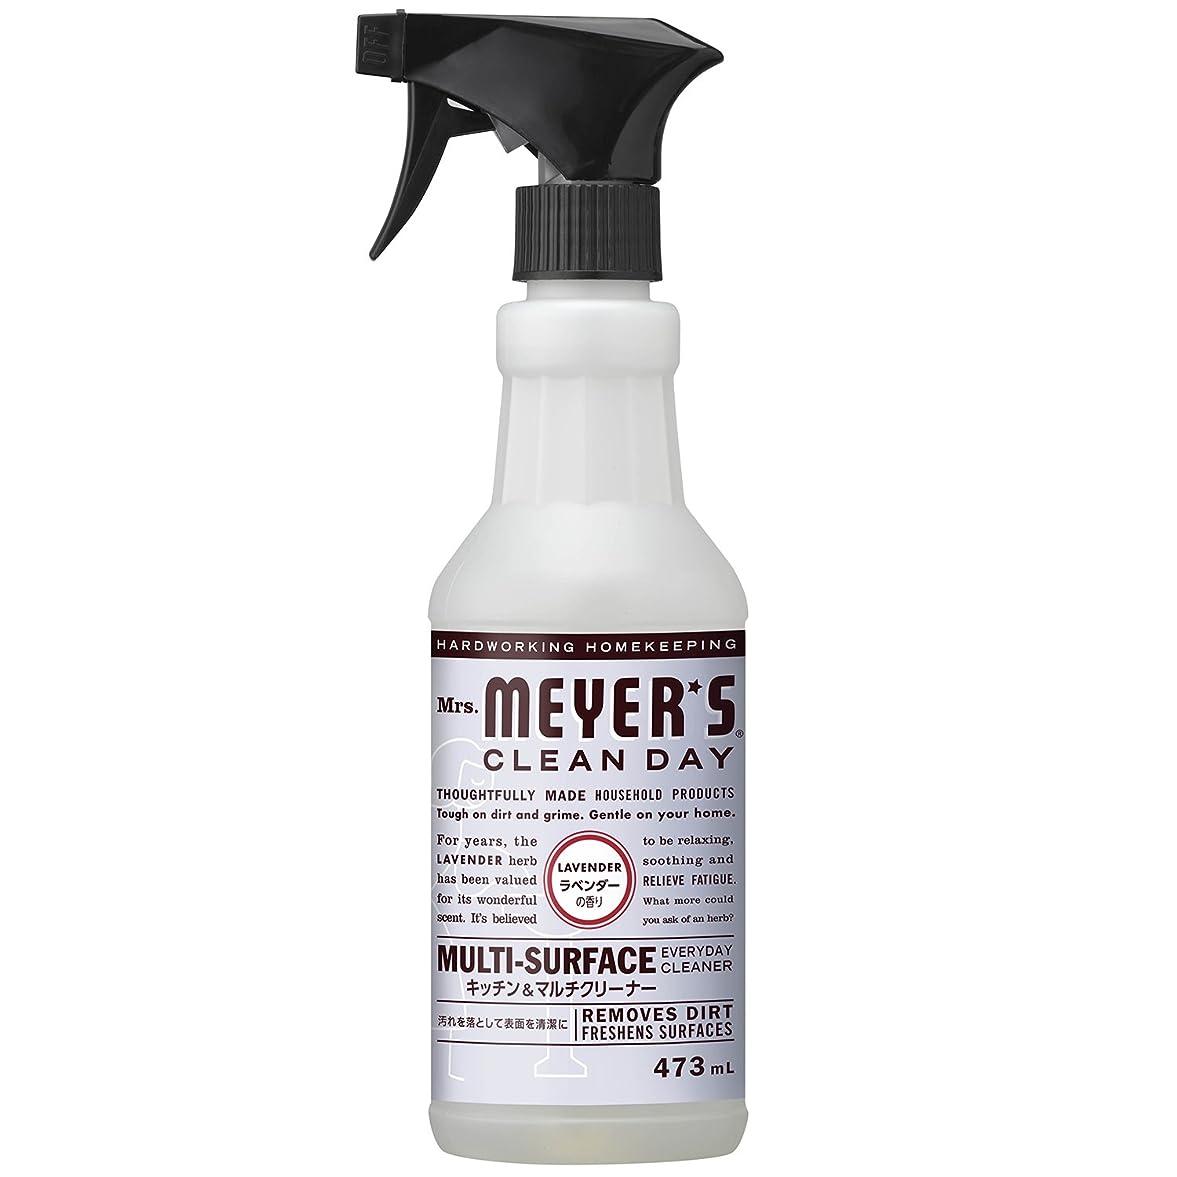 保守可能サイト遷移ミセスマイヤーズ クリーンデイ(Mrs.Meyers Clean Day) キッチン&マルチクリーナー ラベンダーの香り 473mL